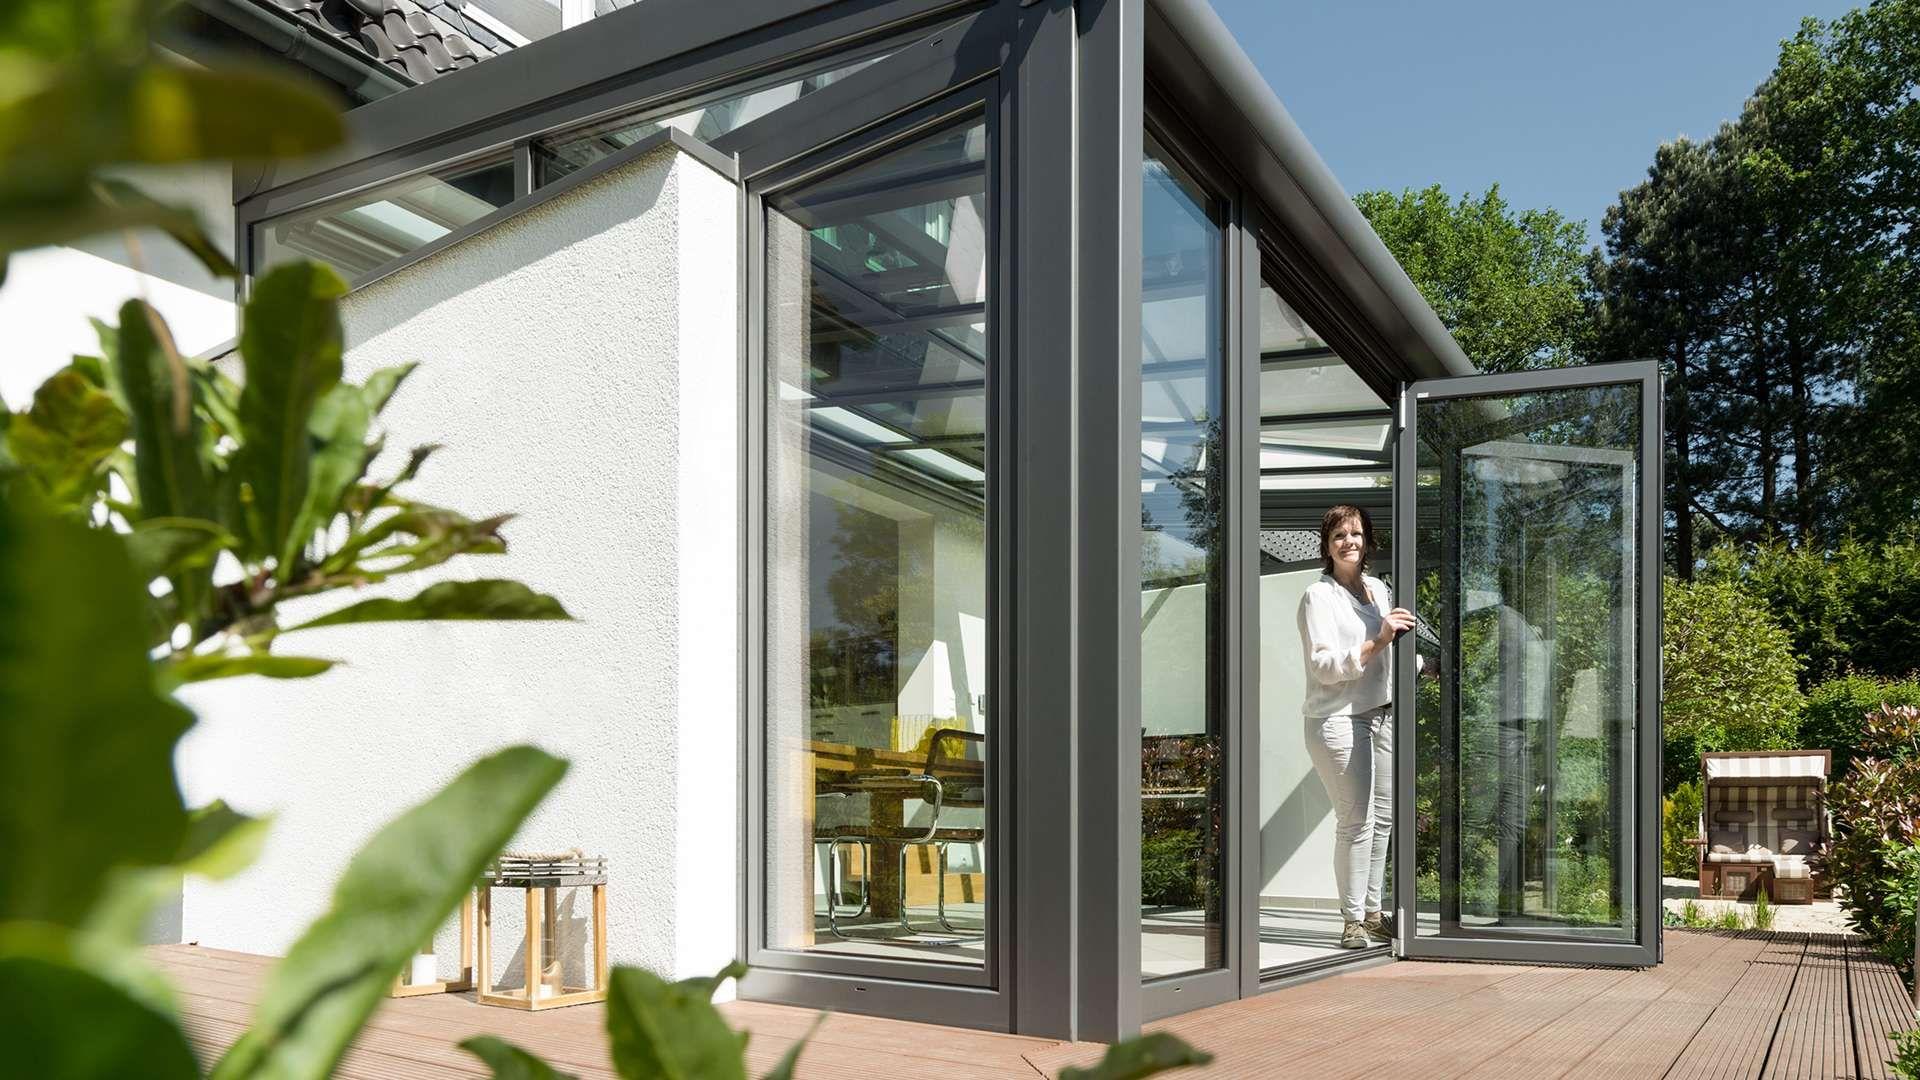 Wintergarten mit geöffneter Glas-Faltwand auf einer Terrasse